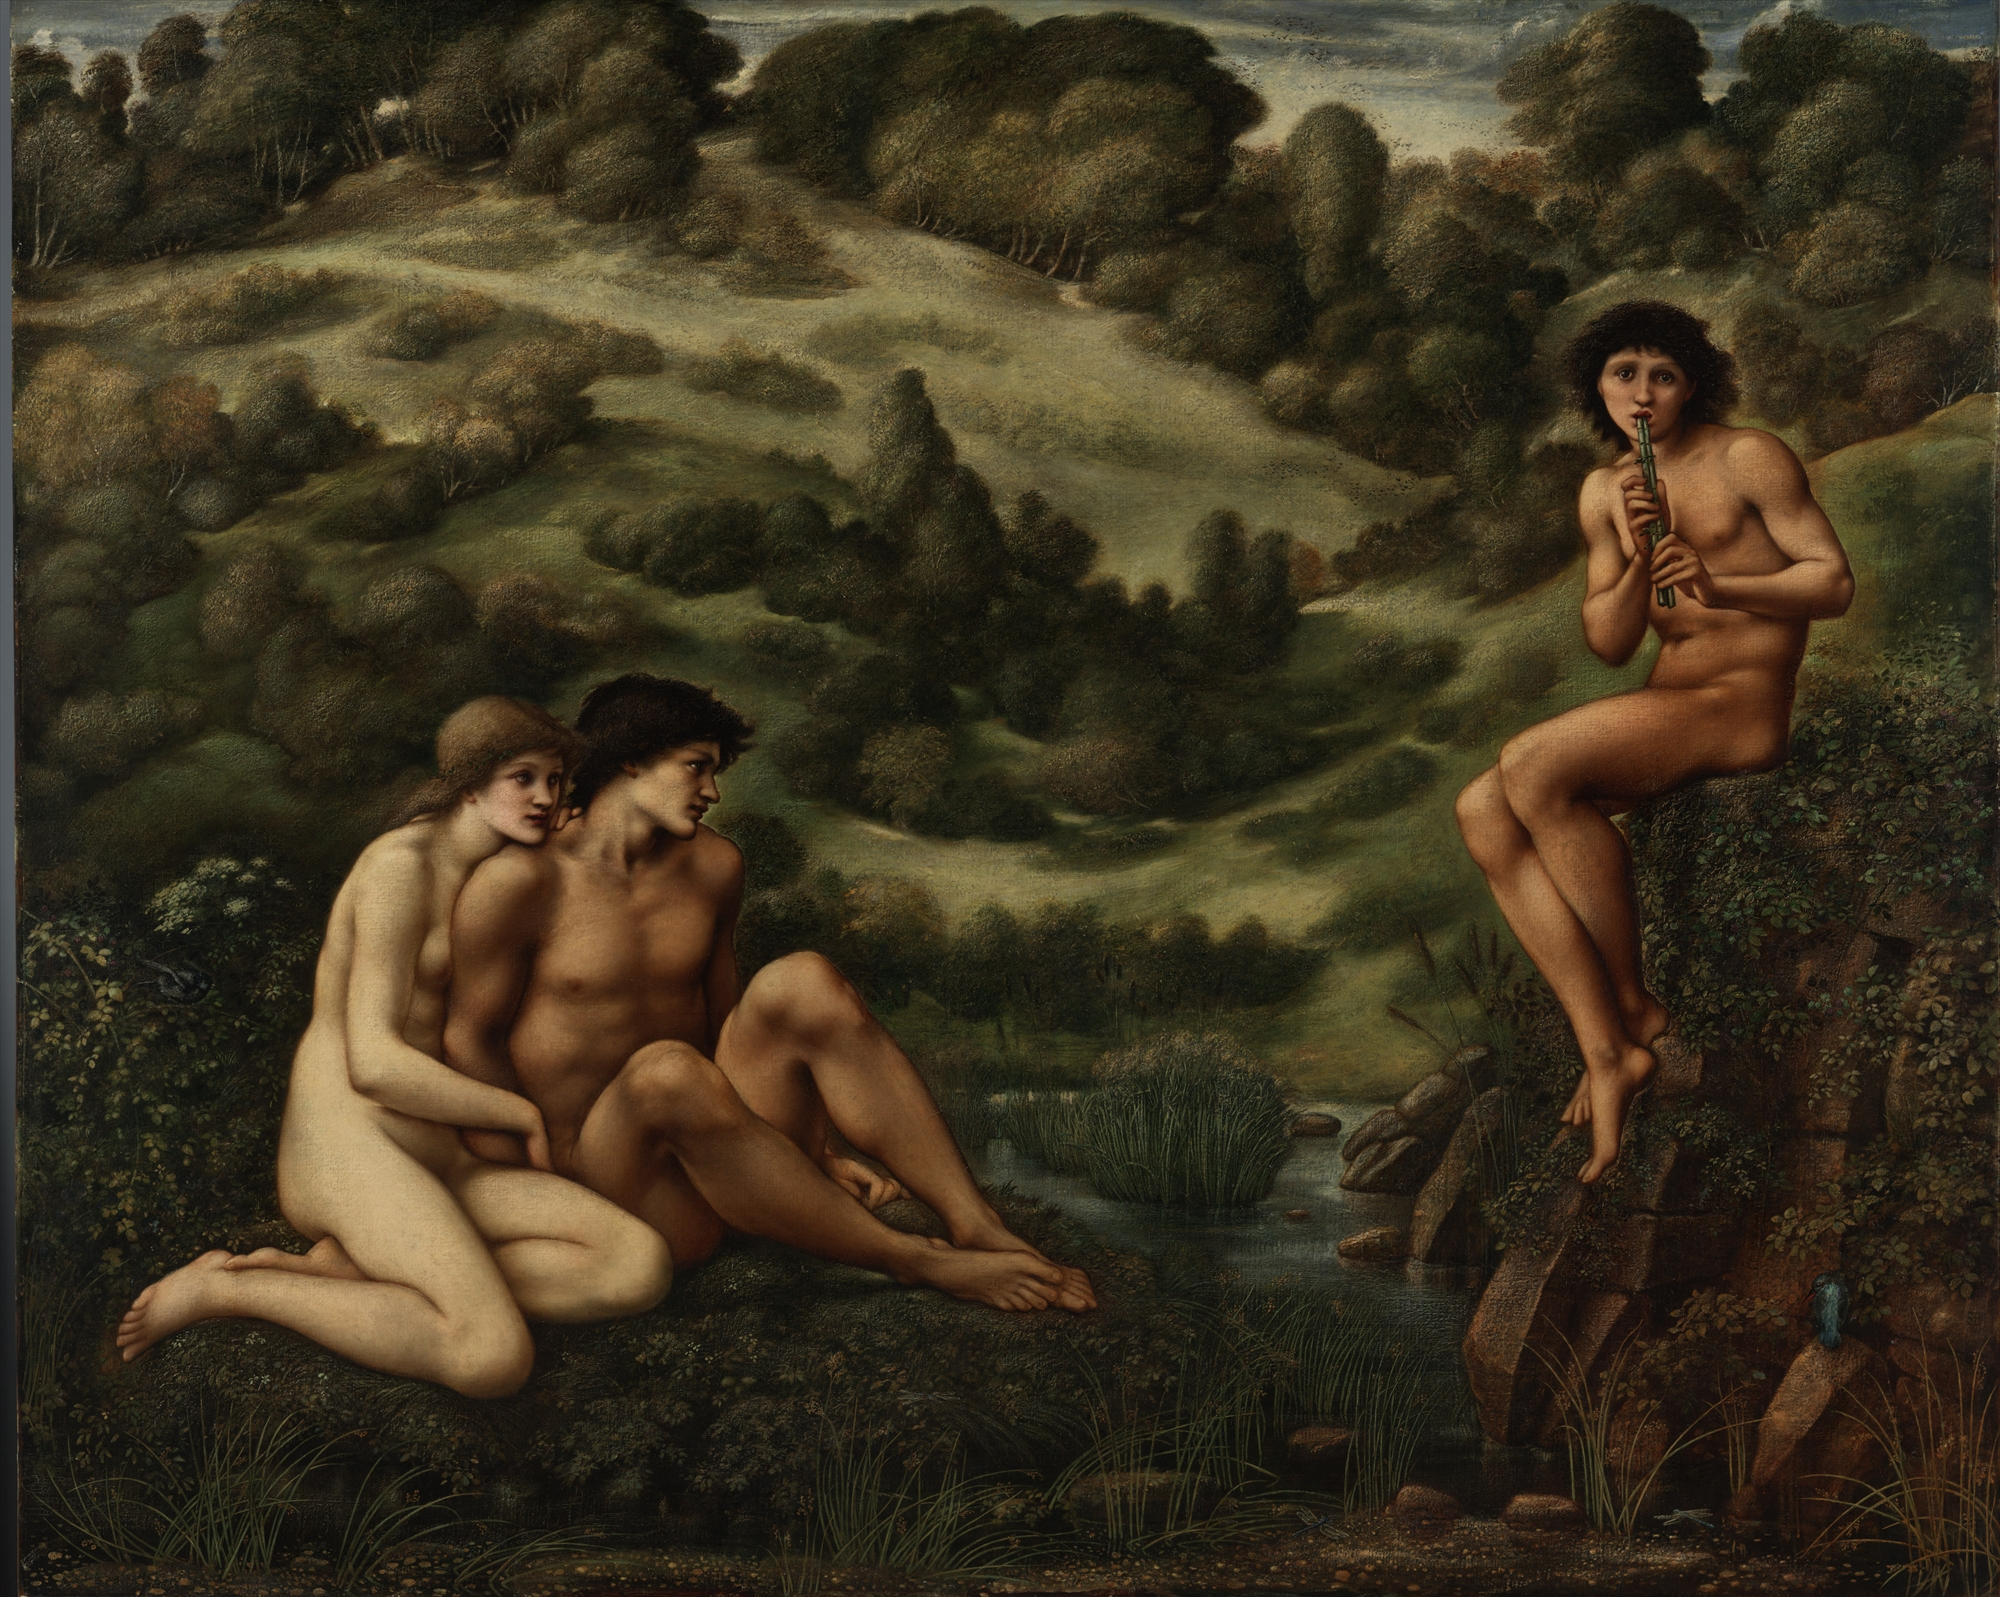 File:Burne-Jones, Edward - The Garden of Pan - 1886-1887.jpg